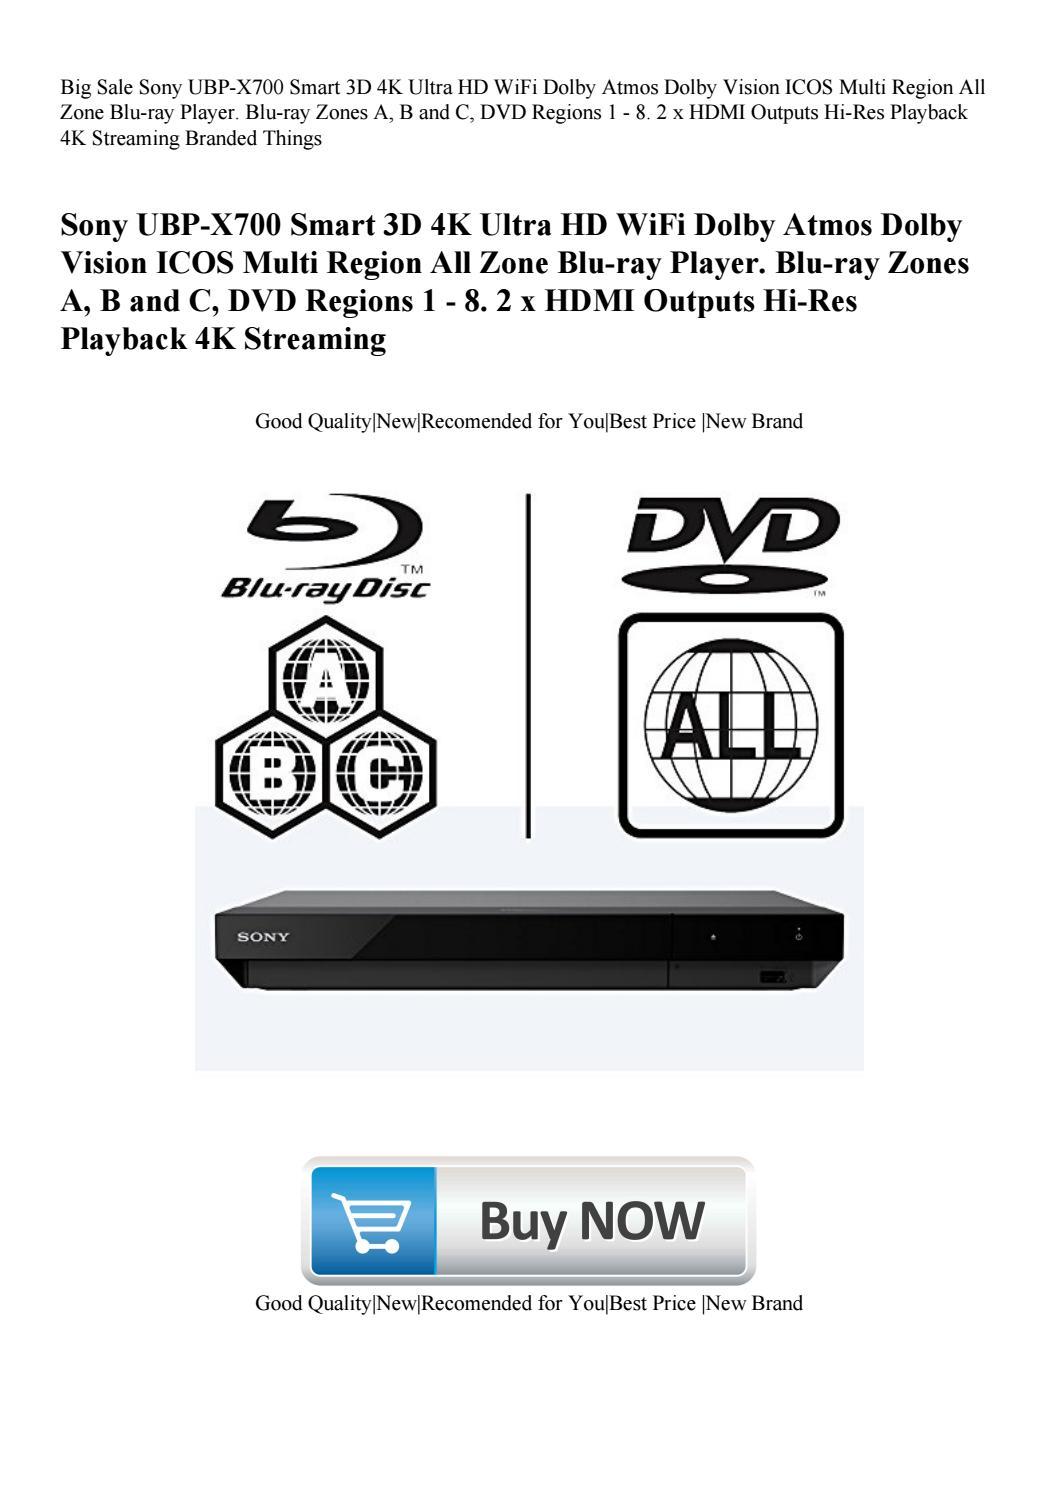 Big Sale Sony UBP-X700 Smart 3D 4K Ultra HD WiFi Dolby Atmos